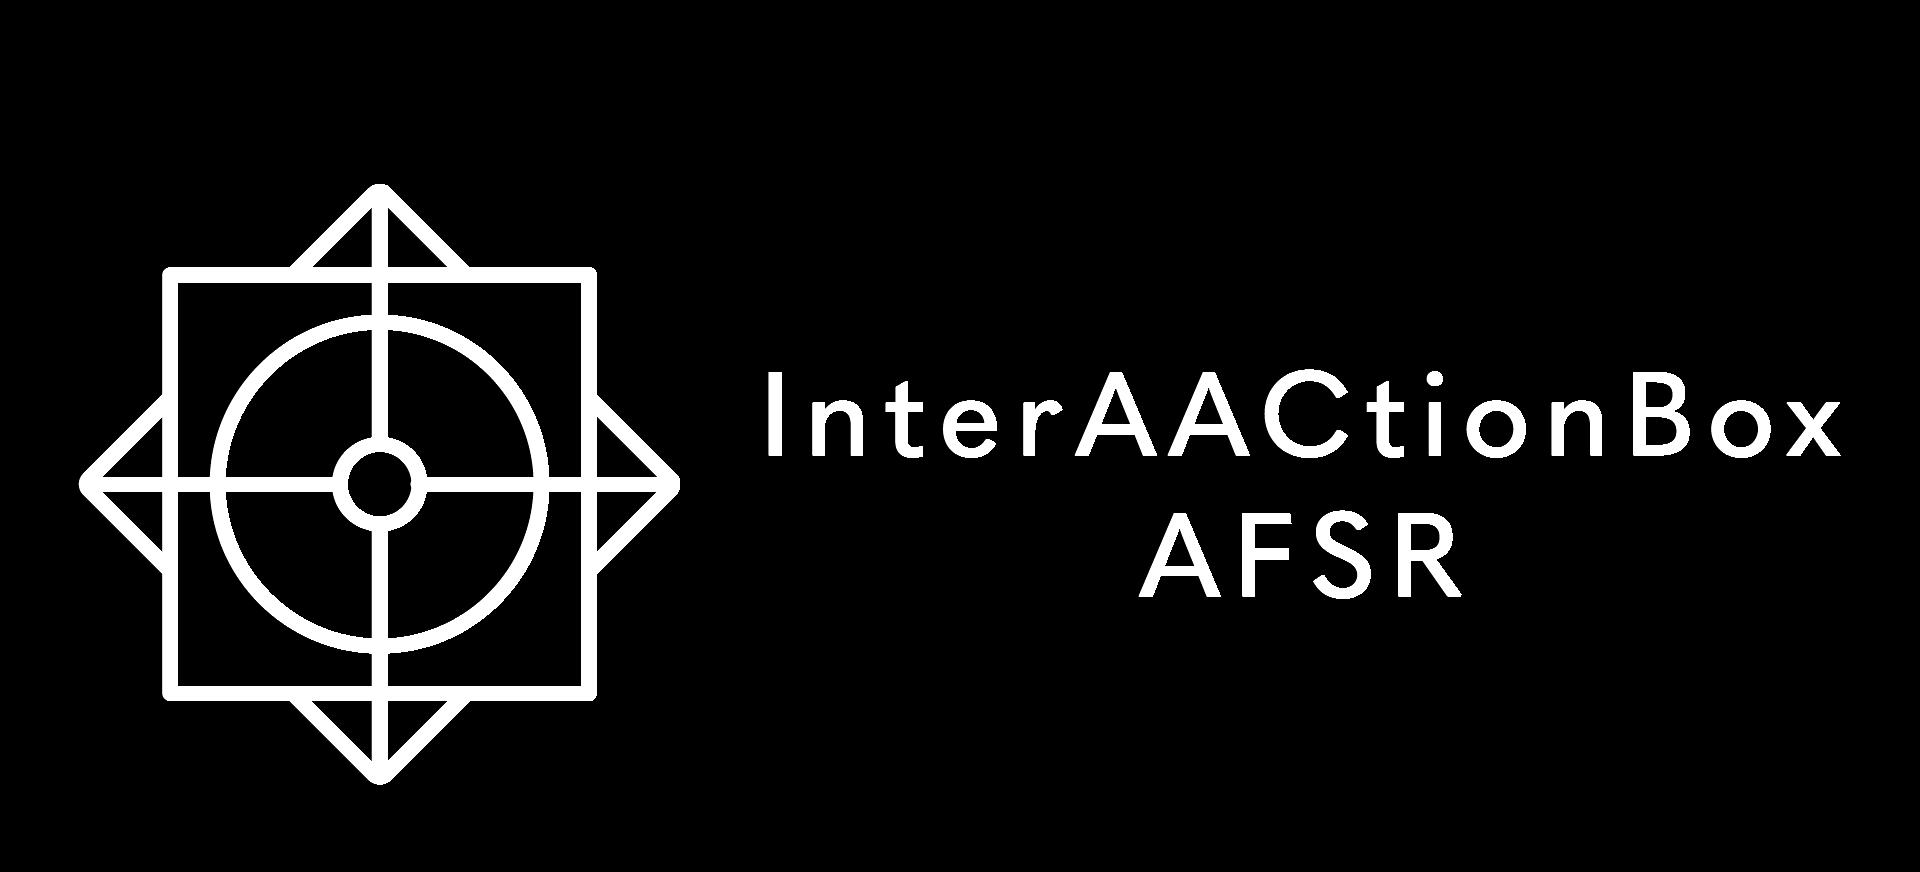 InterAACtionBox-AFSR